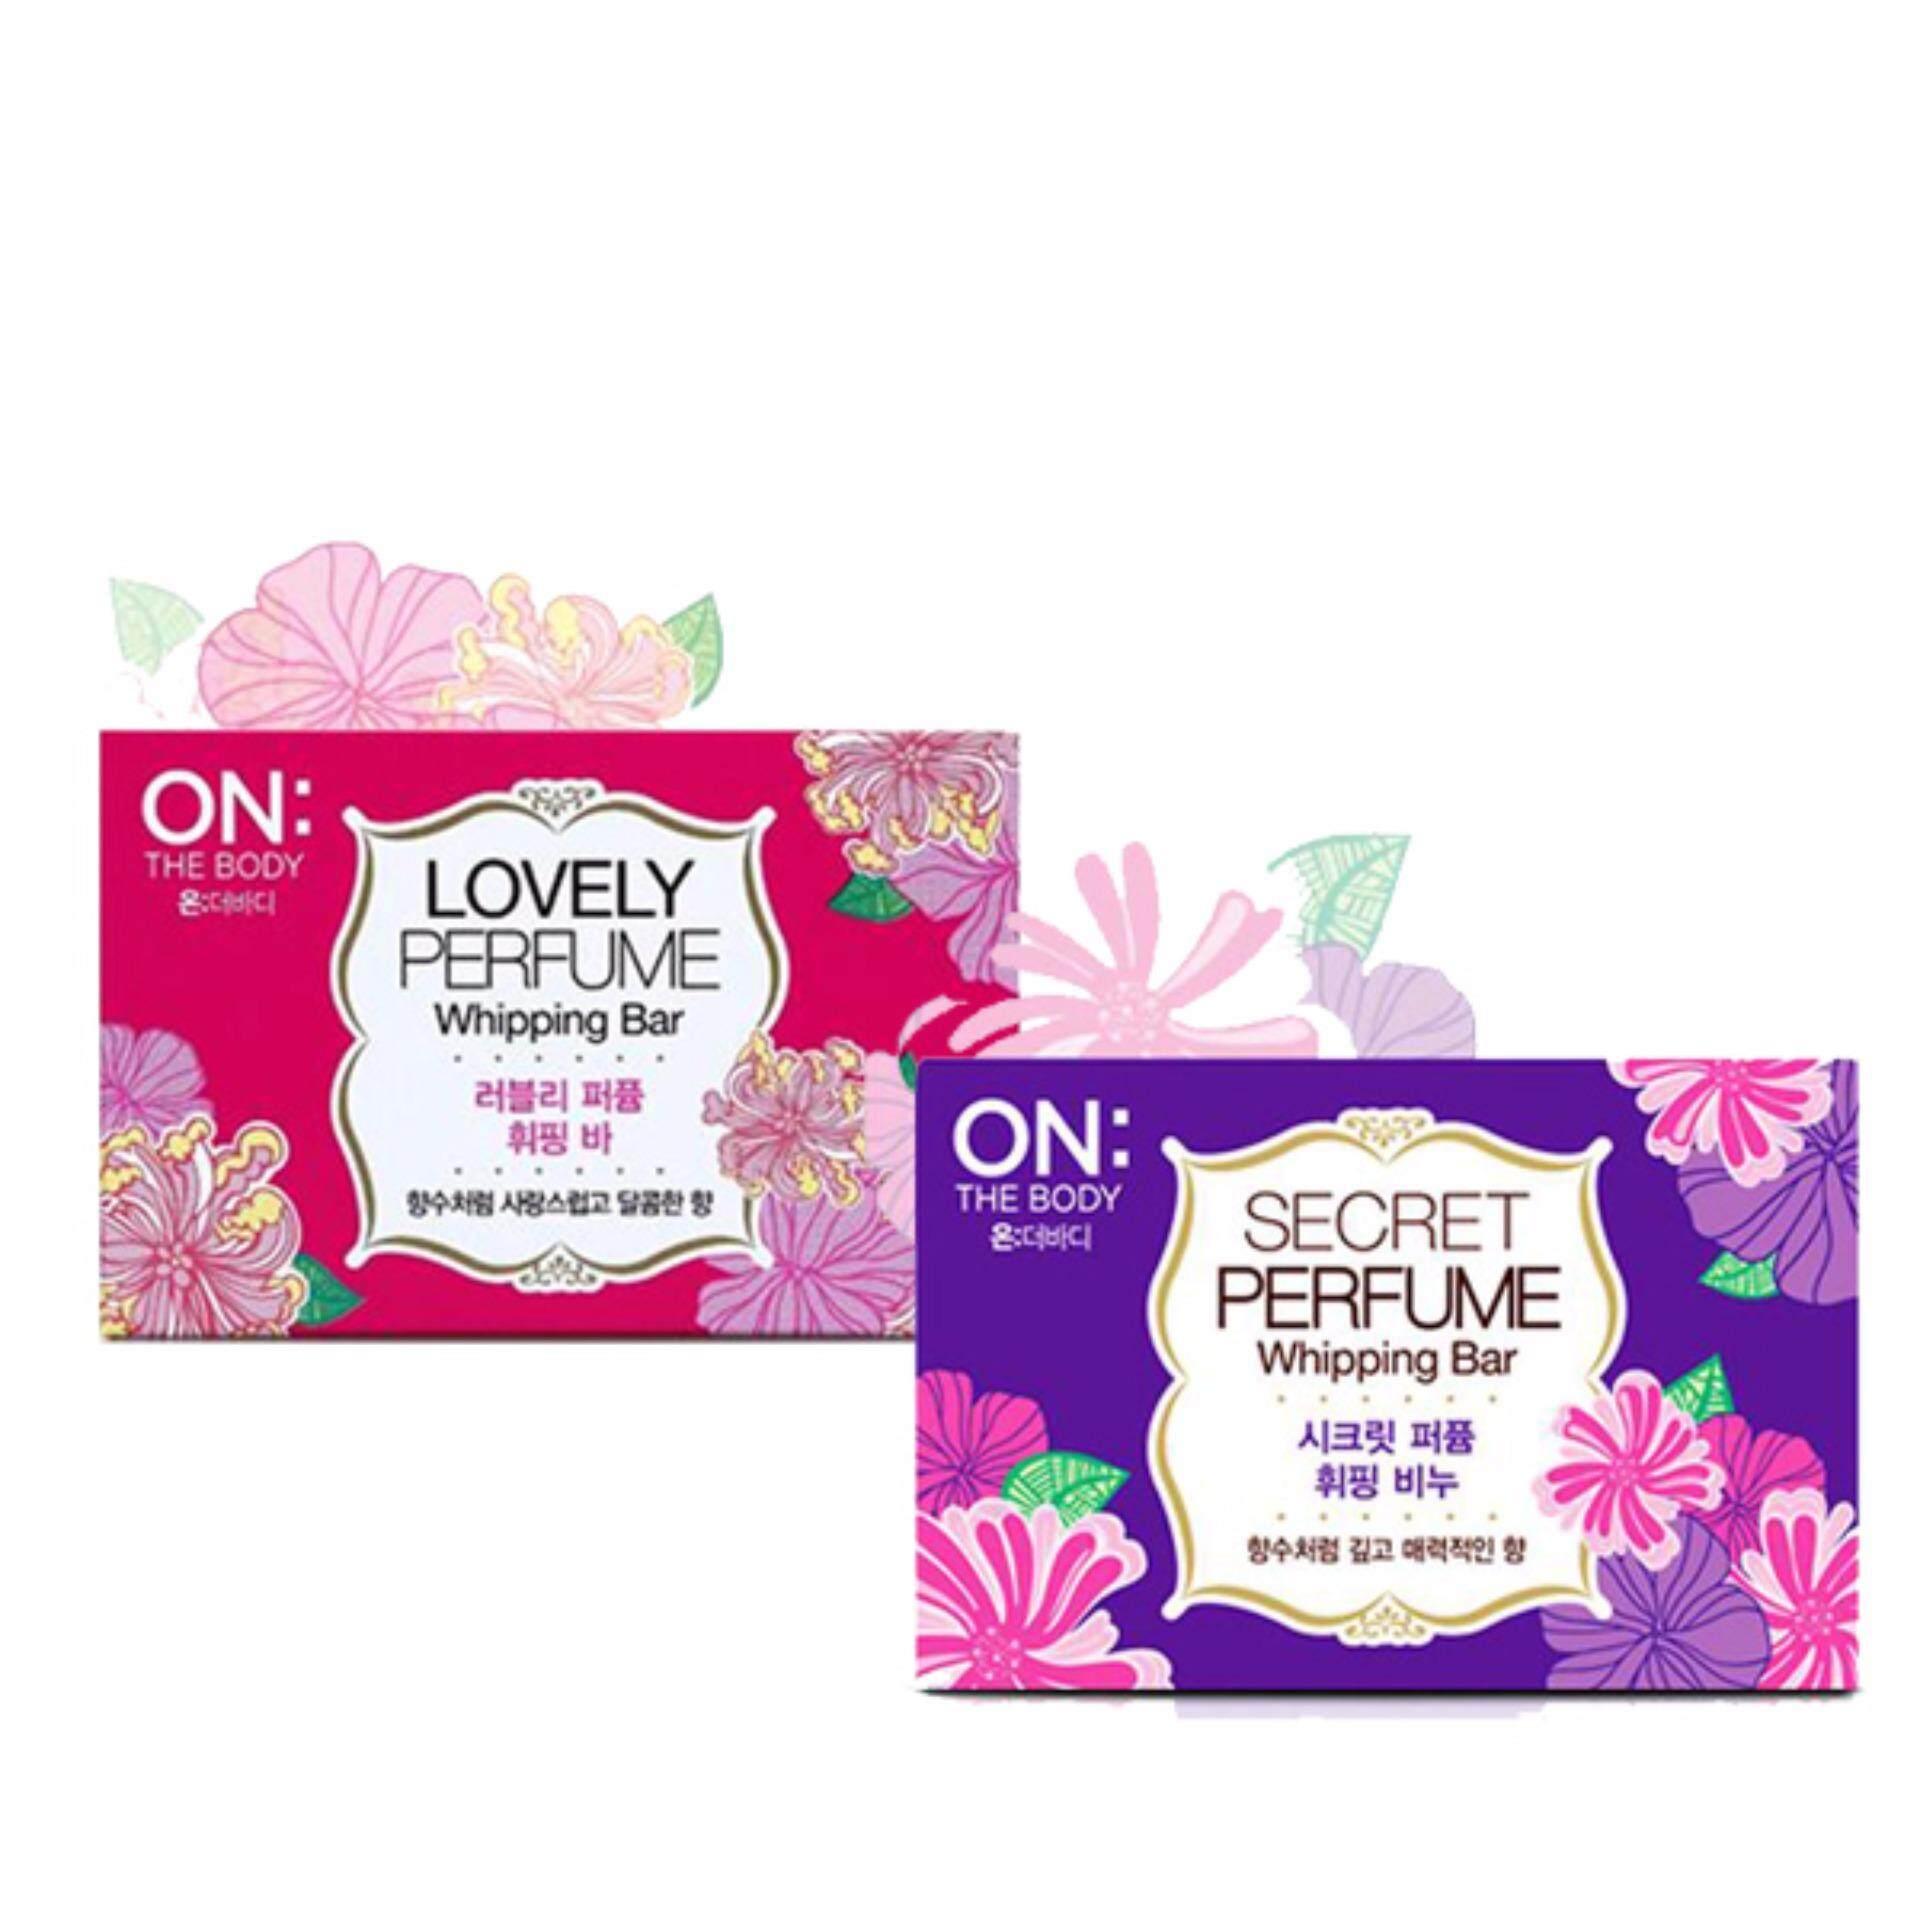 On the body lovely & secret perfume soap bar set